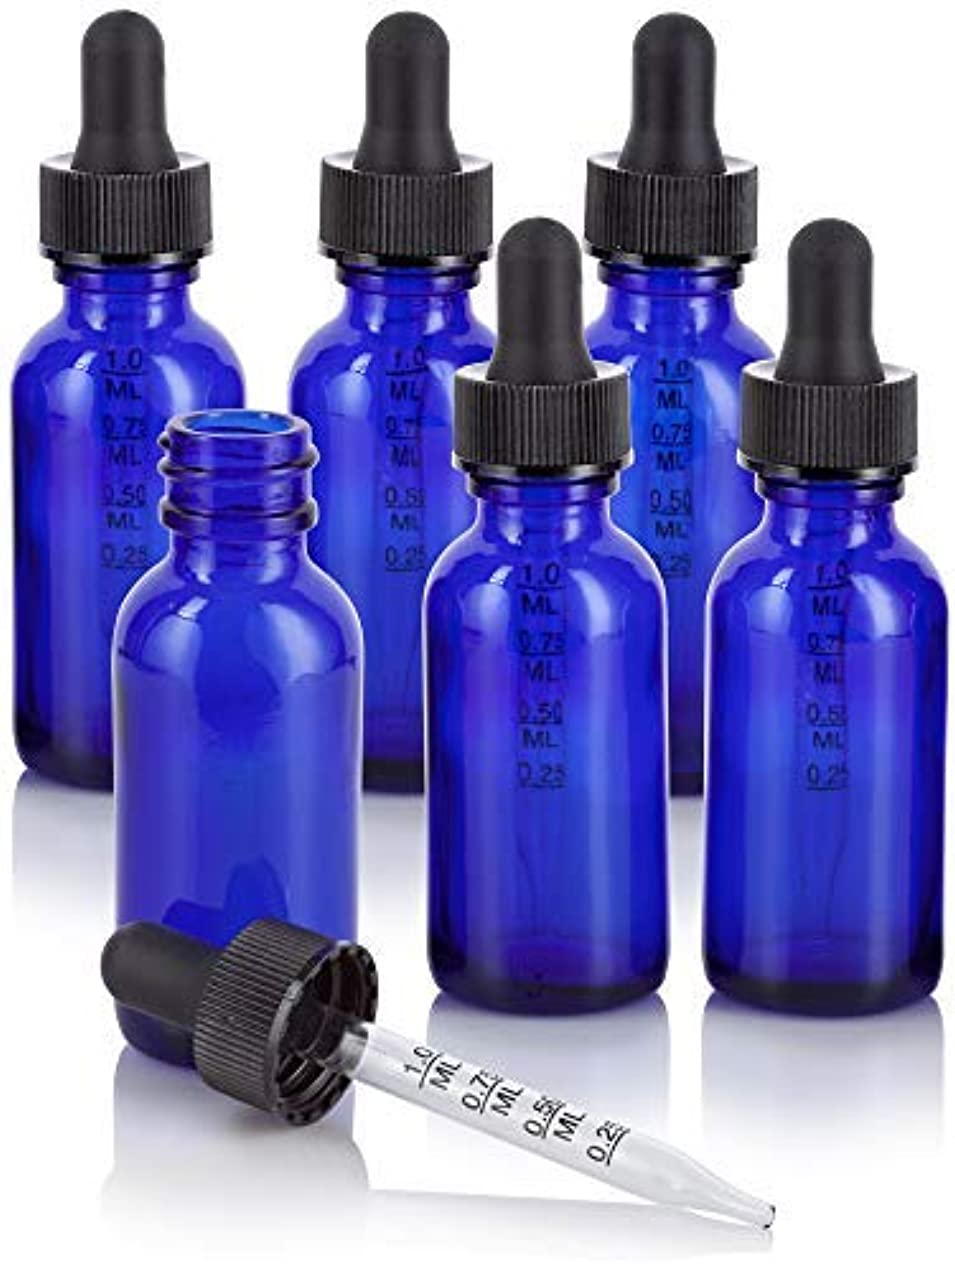 カンガルーライオネルグリーンストリート属性1 oz Cobalt Blue Glass Boston Round Graduated Measurement Glass Dropper Bottle (6 pack) + Funnel for essential...